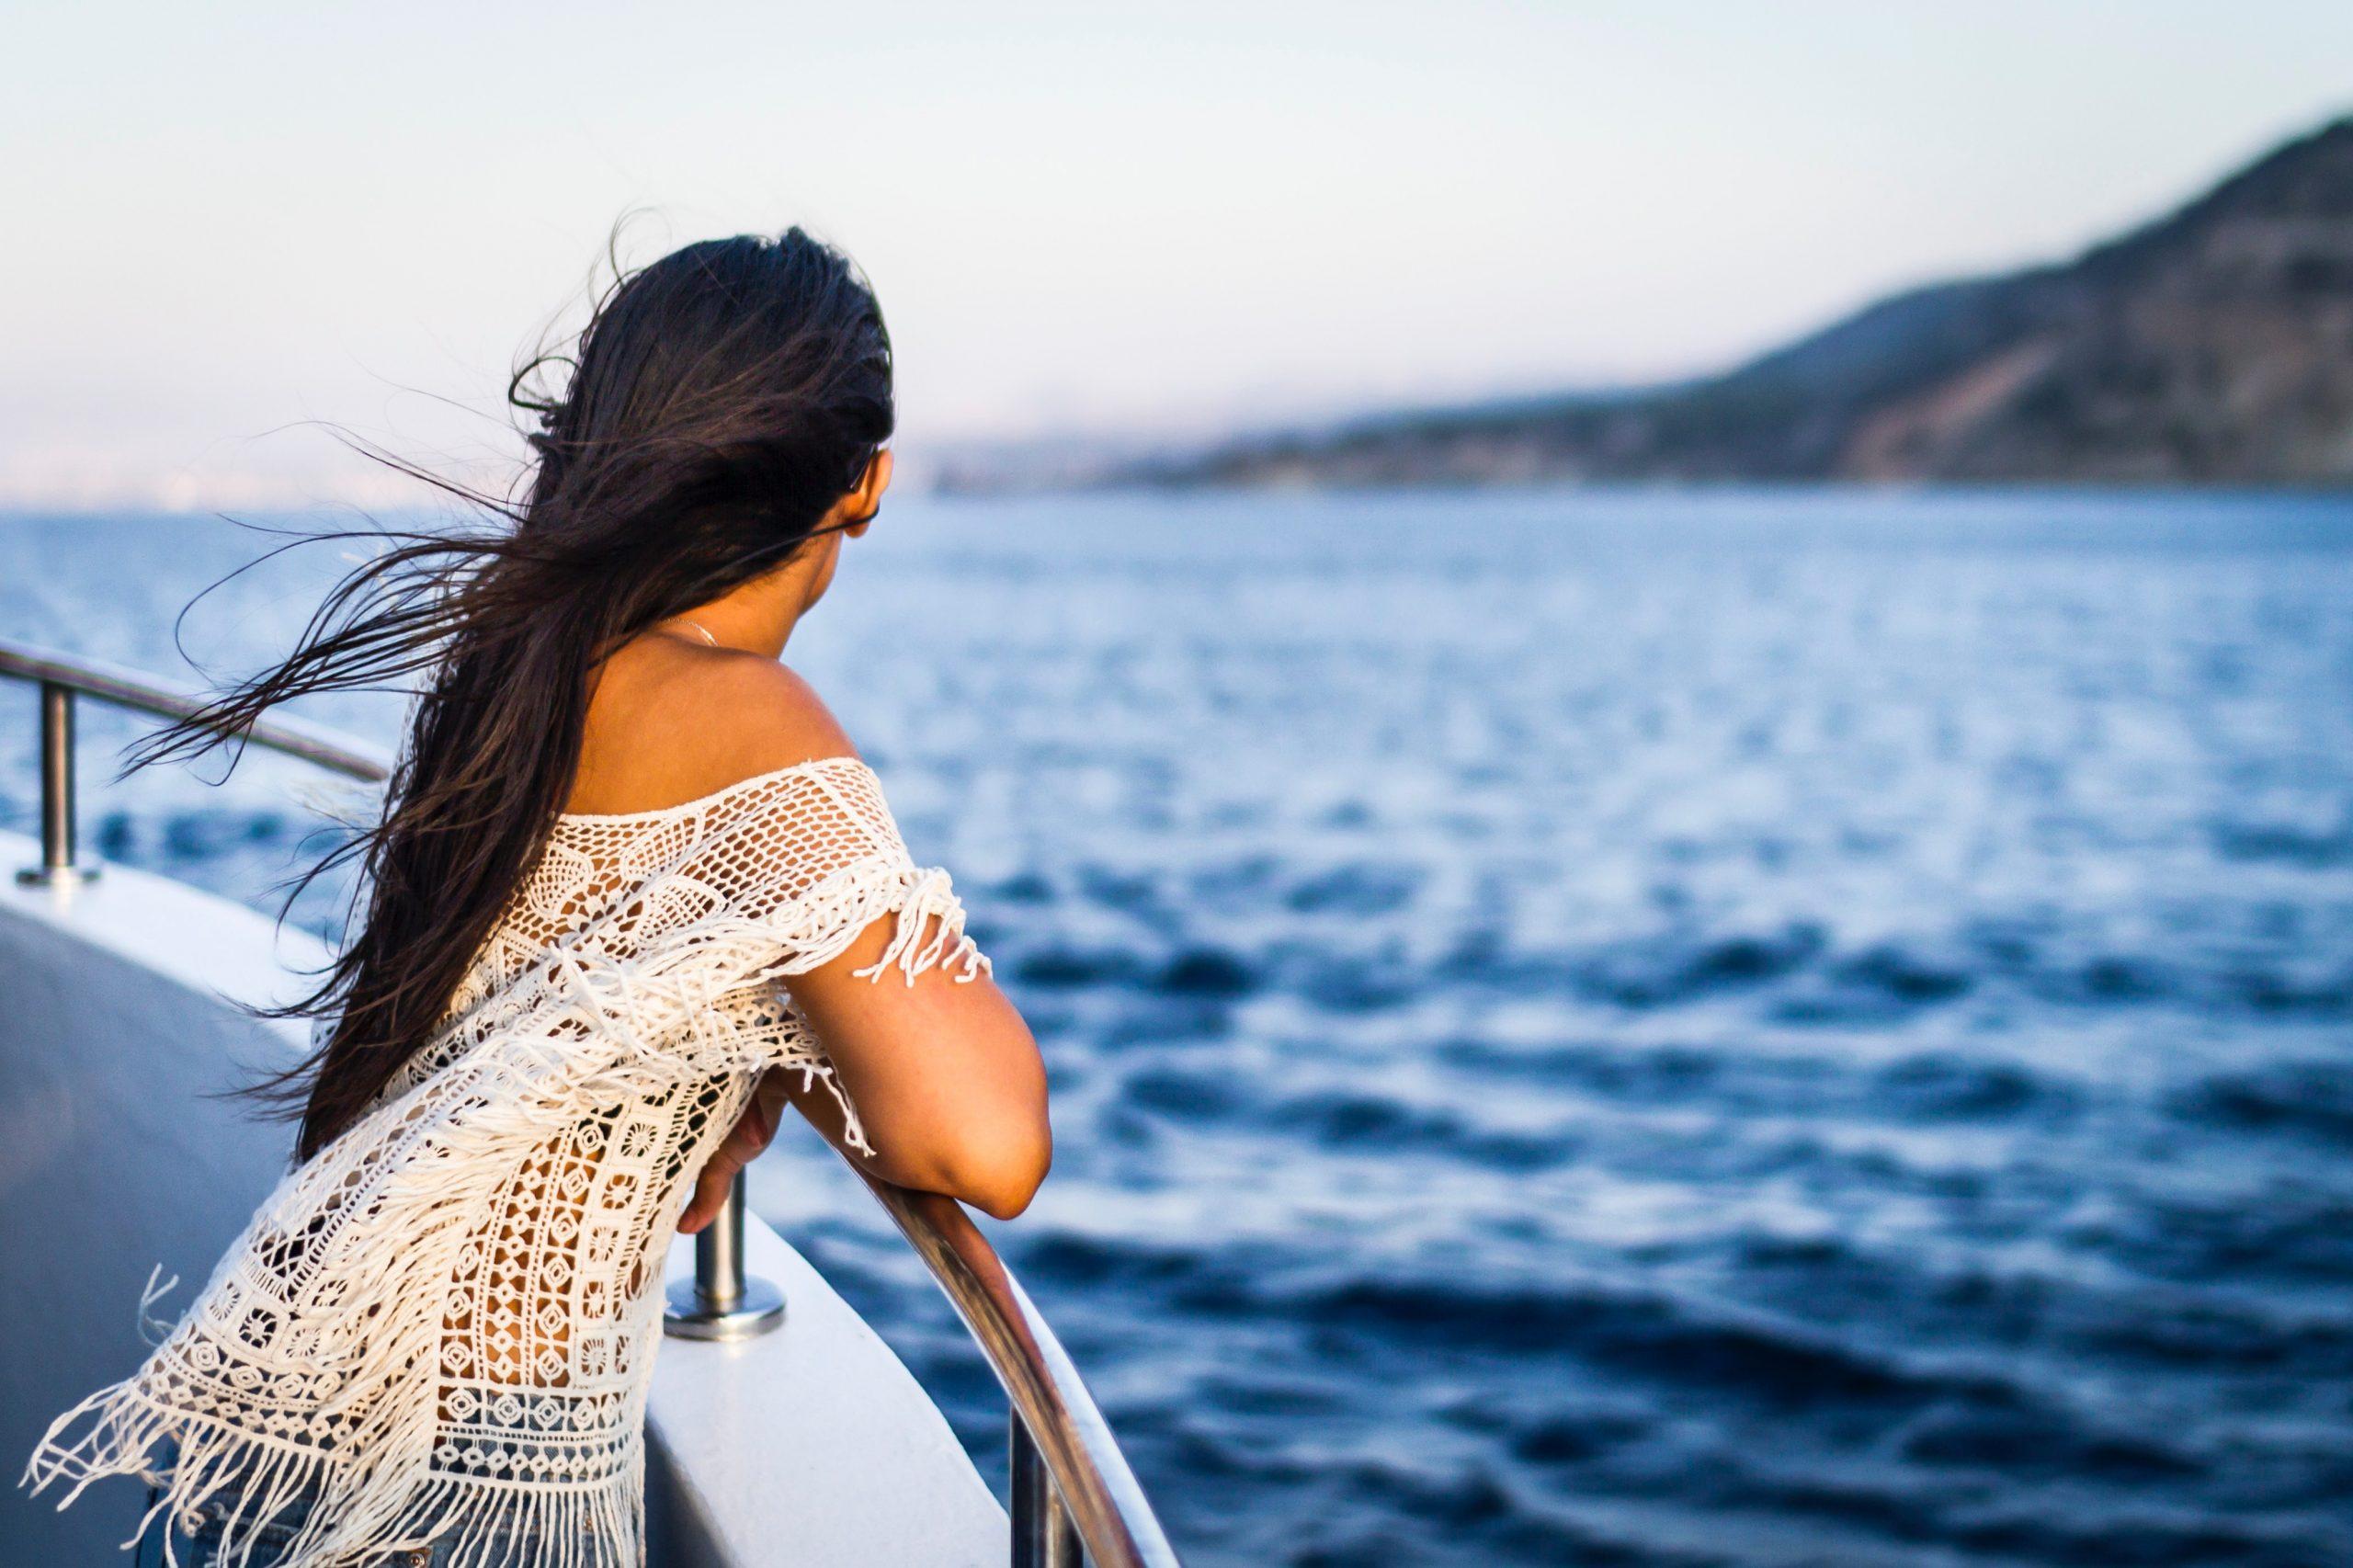 Solo traveler on a cruise ship